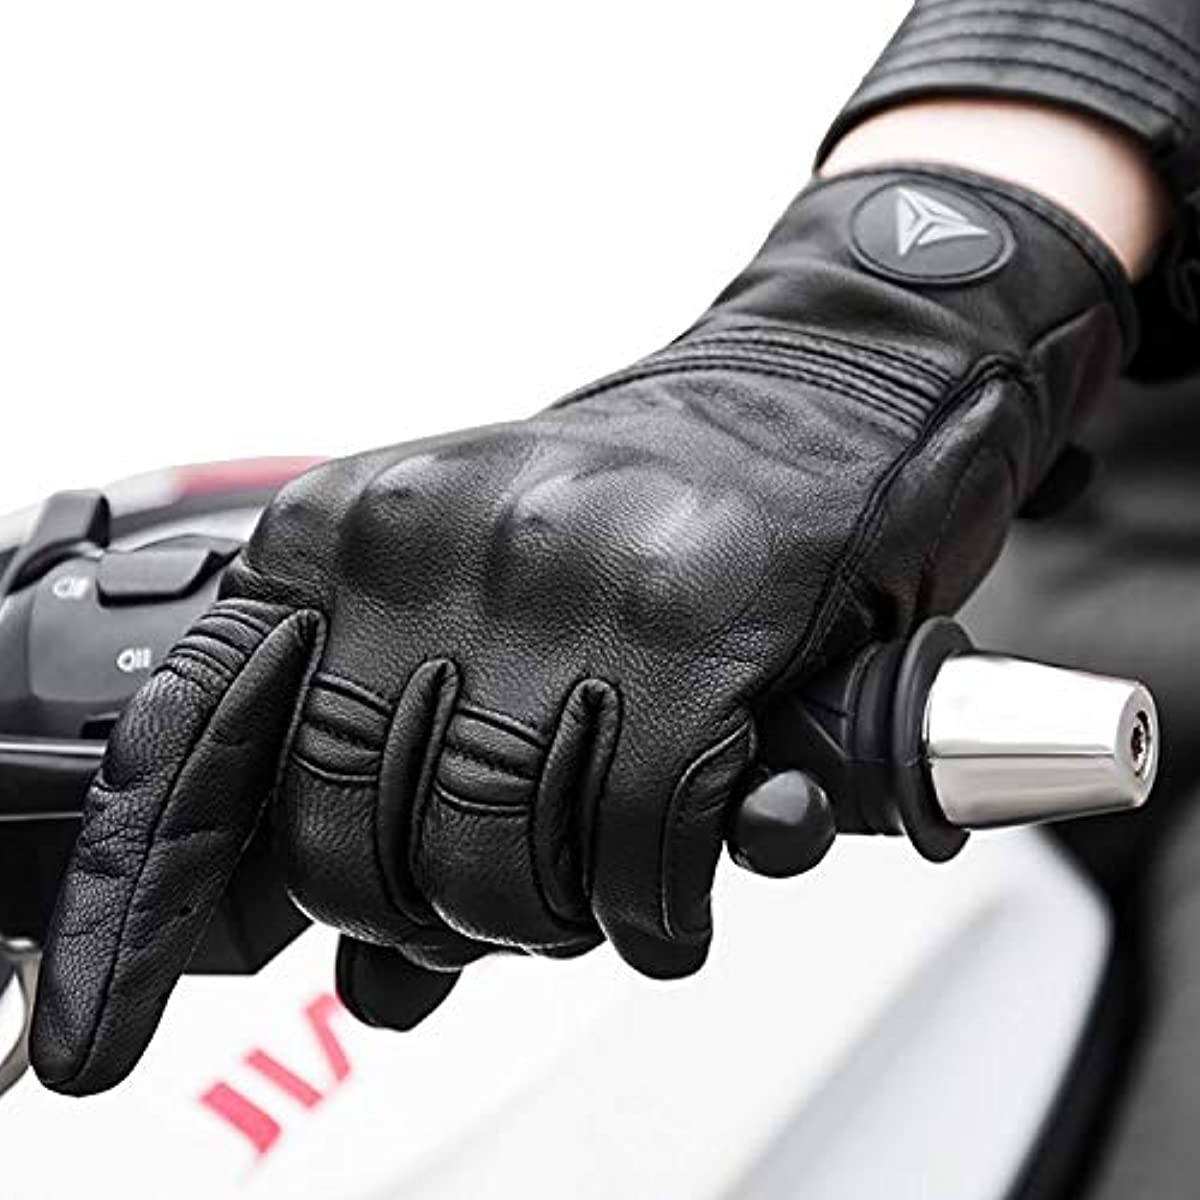 [해외] 오토바이 글러브 가죽 고 토스 킹 로브 오토바이 글러브 protection 퍼터입 블랙 (블랙, L)